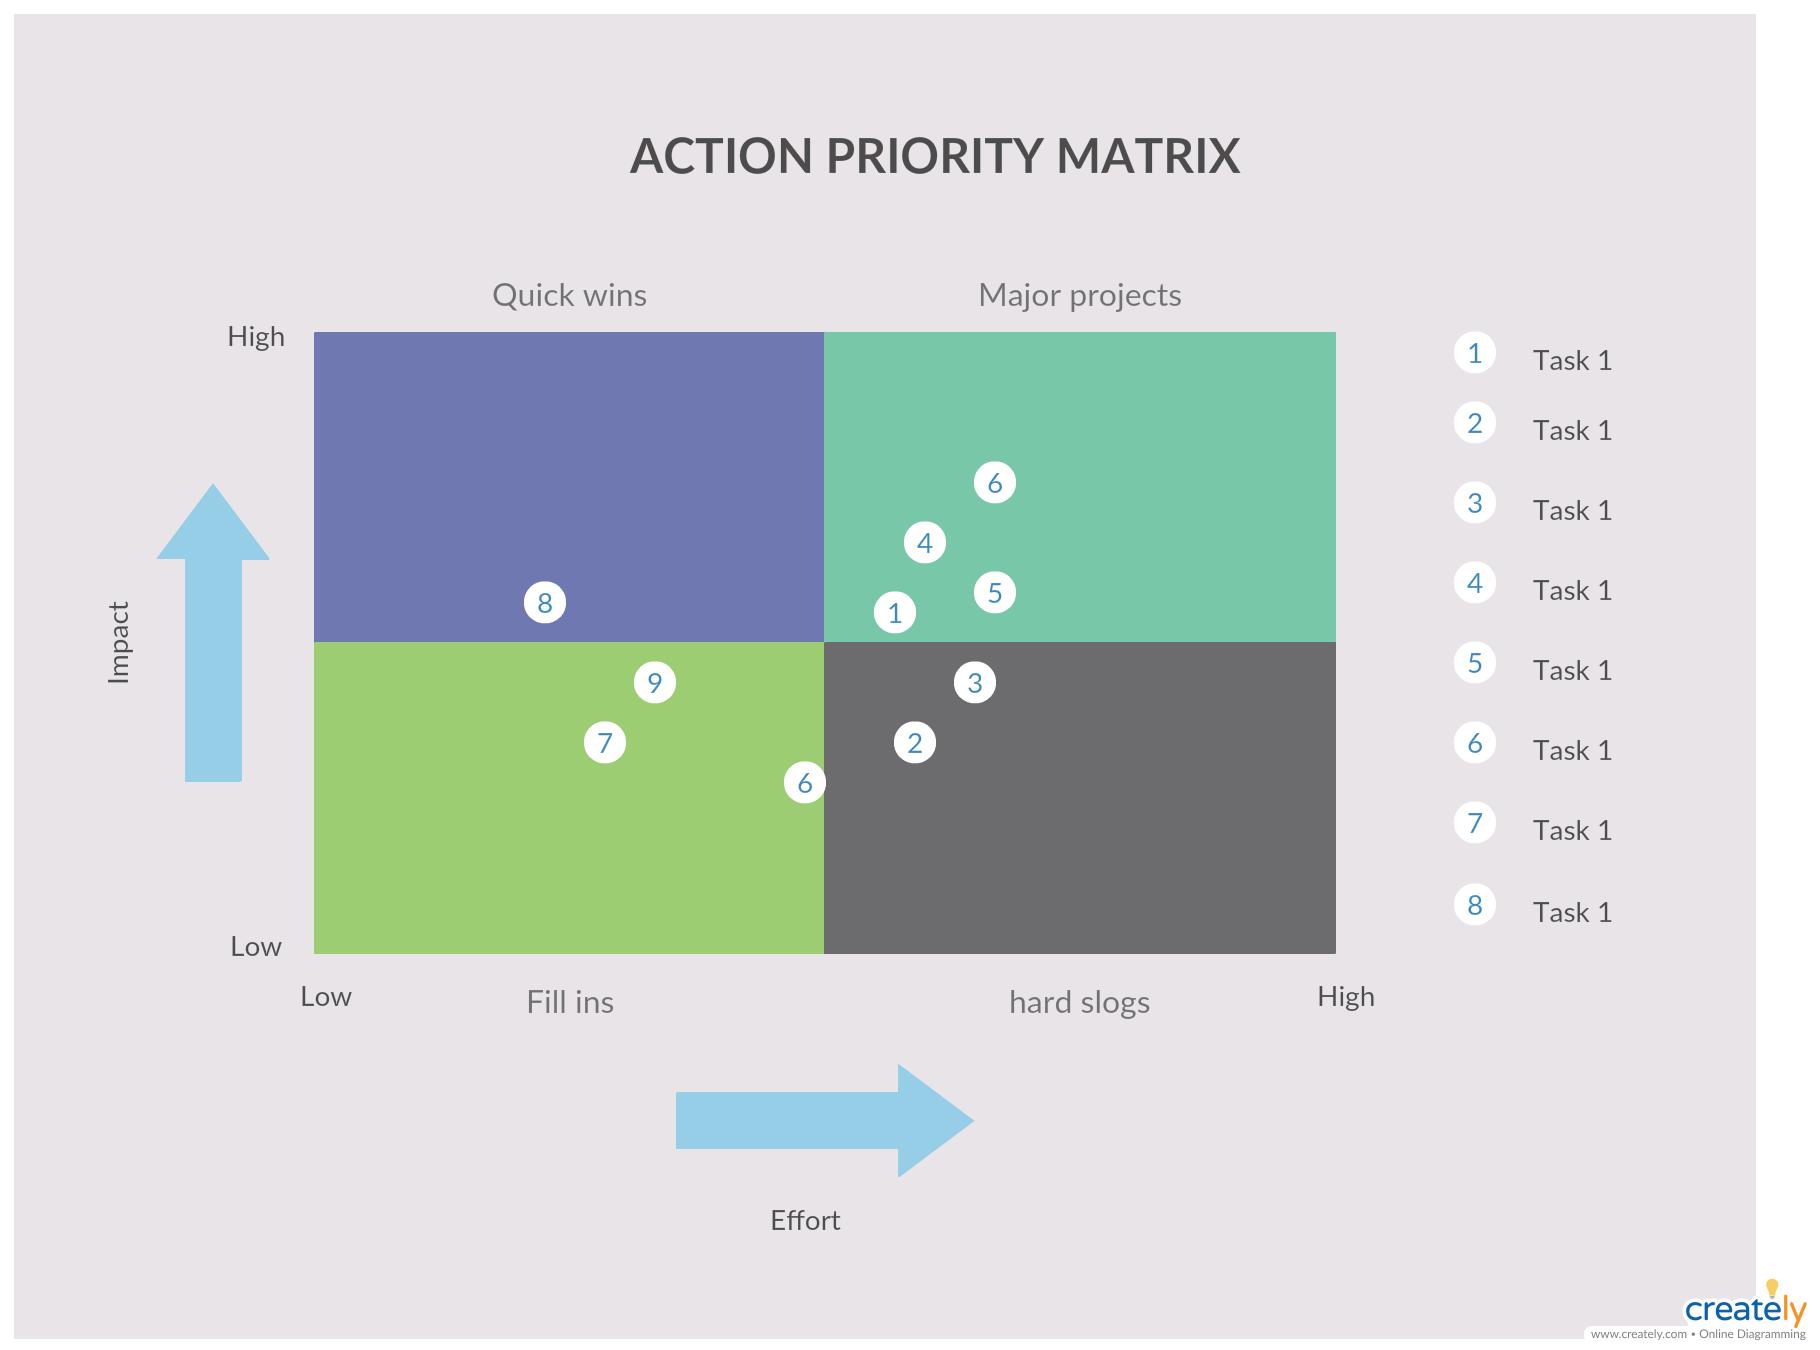 Action Priority Matrix